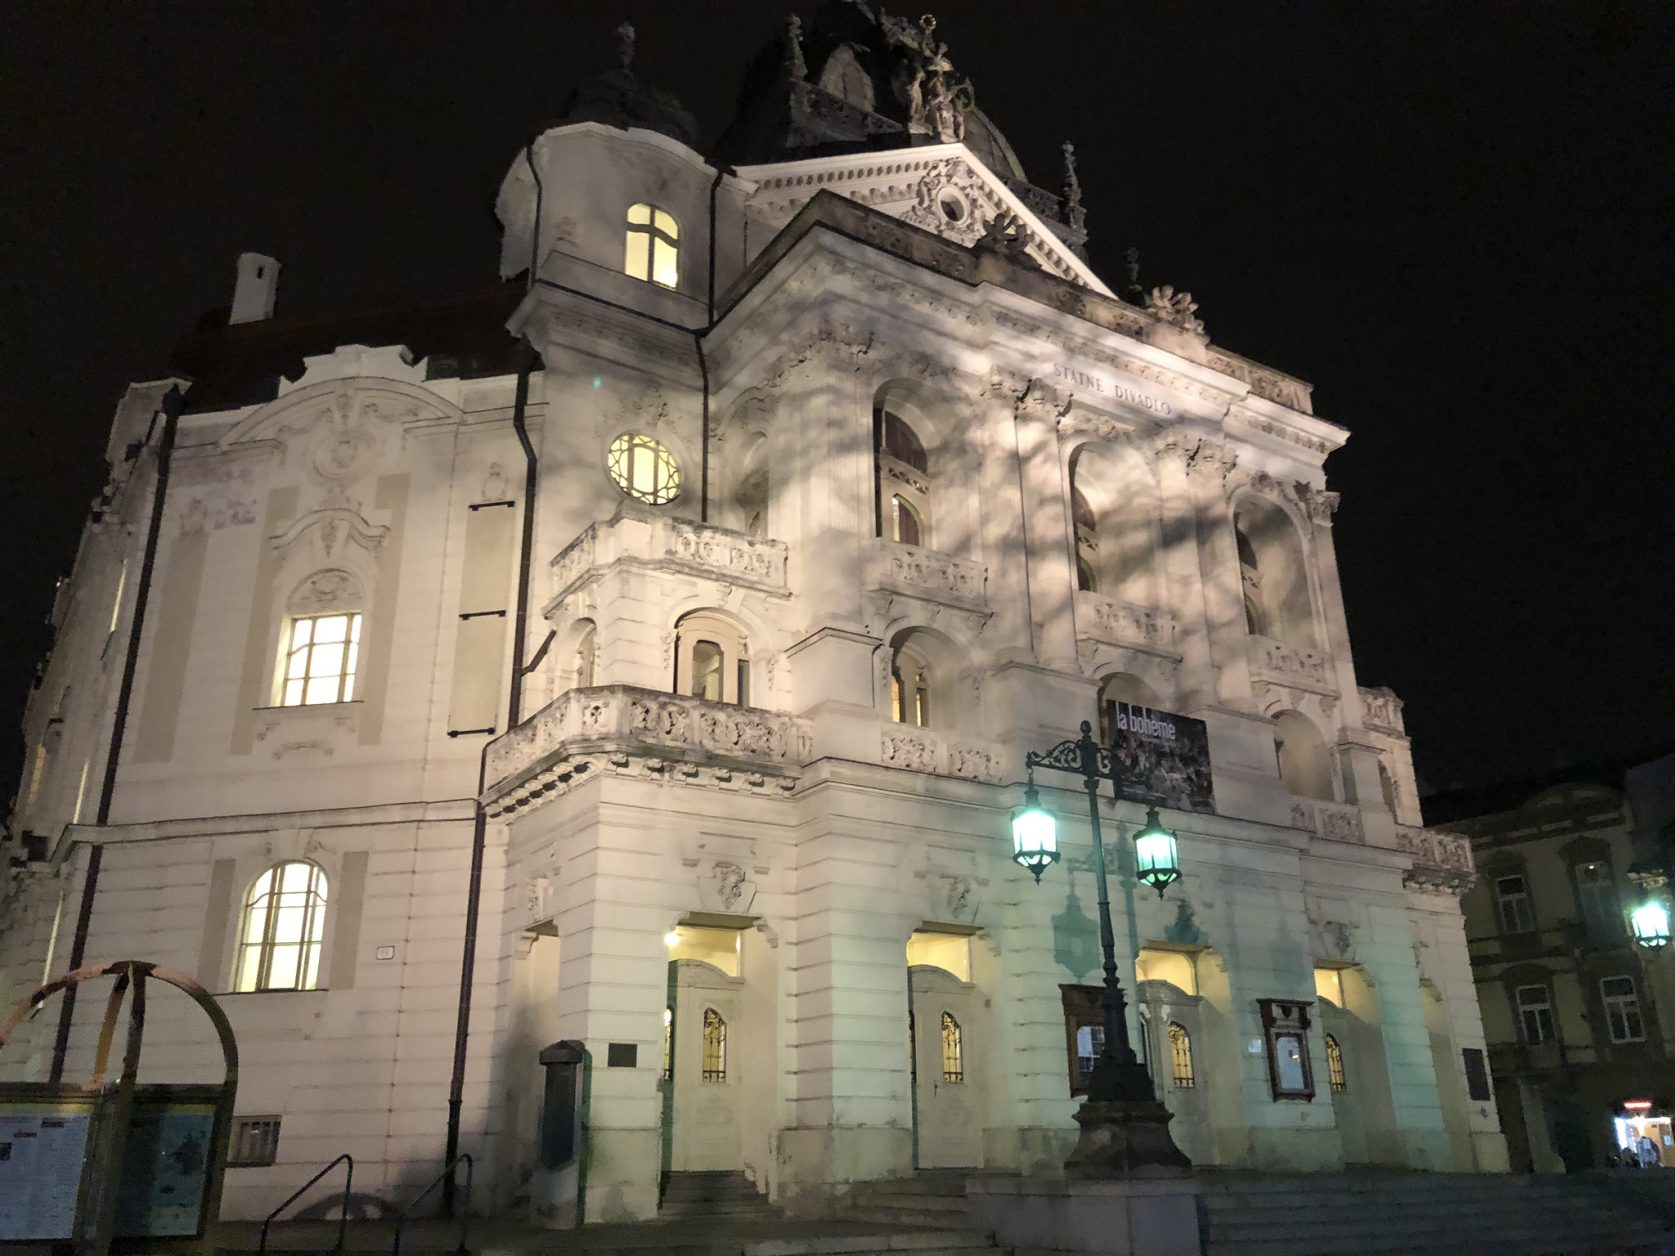 Das Staatstheater Košice wurde im Neobarock von Adolf Lang in den Jahren 1879-1899 errichtet.